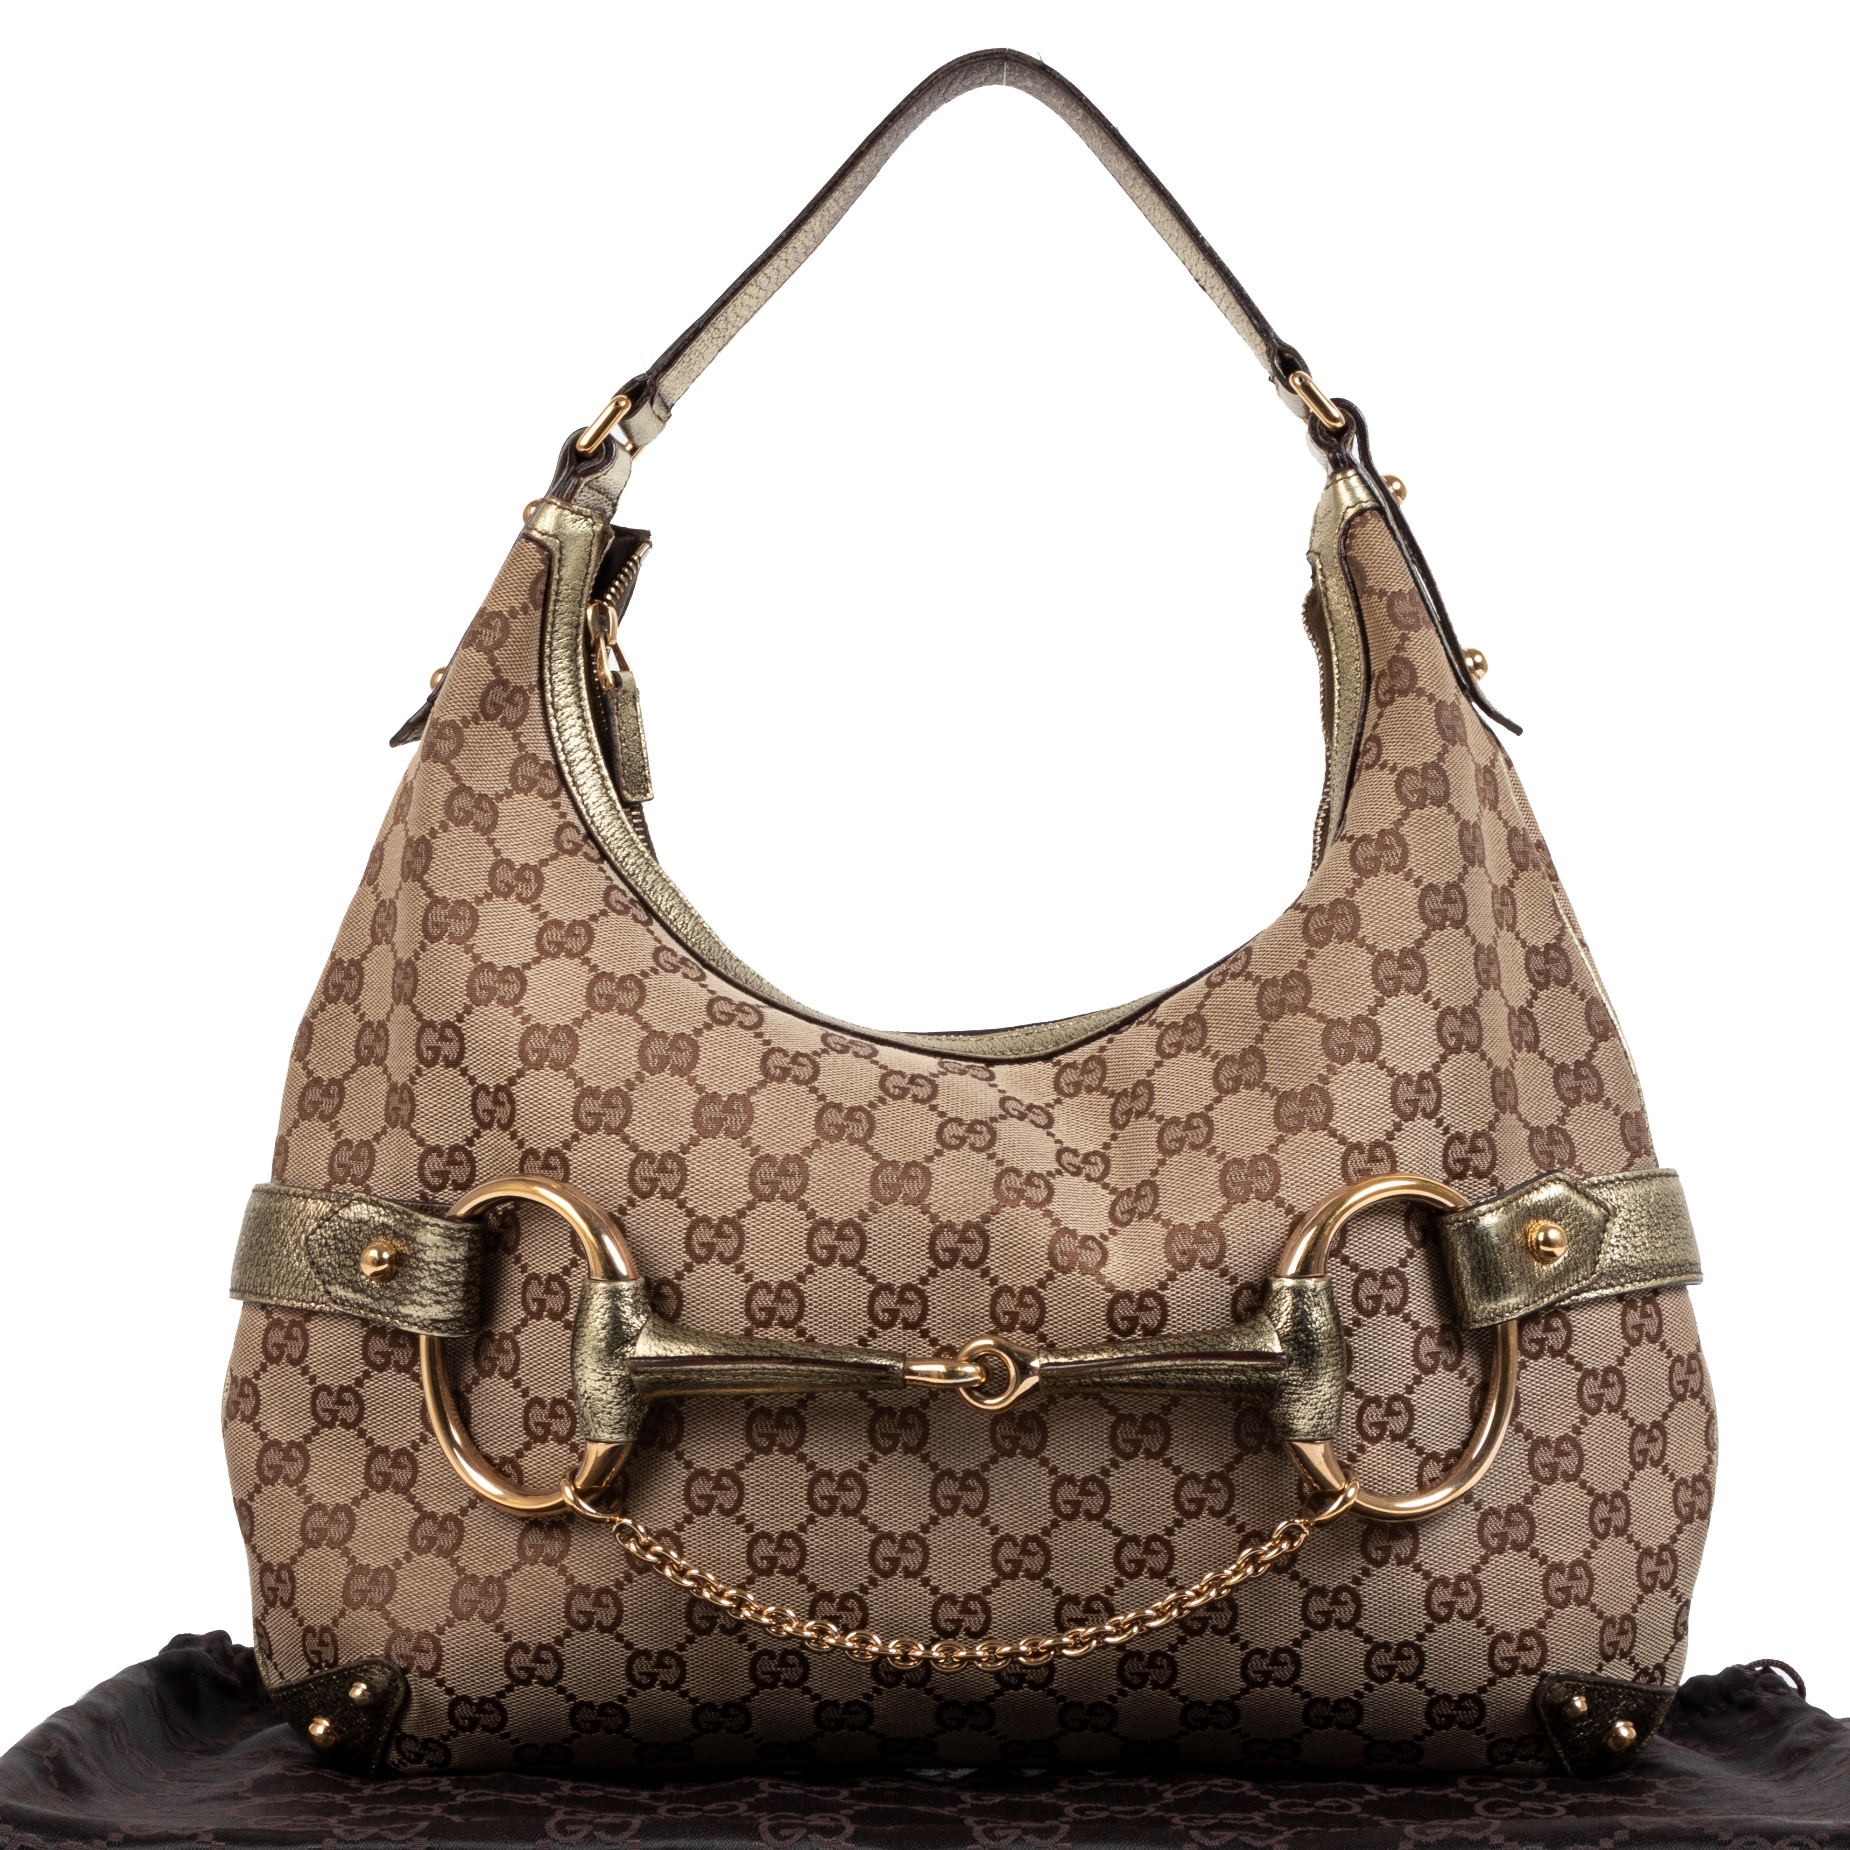 Gucci GG Monogram Metallic Hobo Bag  acheter enlarge pour le meilleur prix